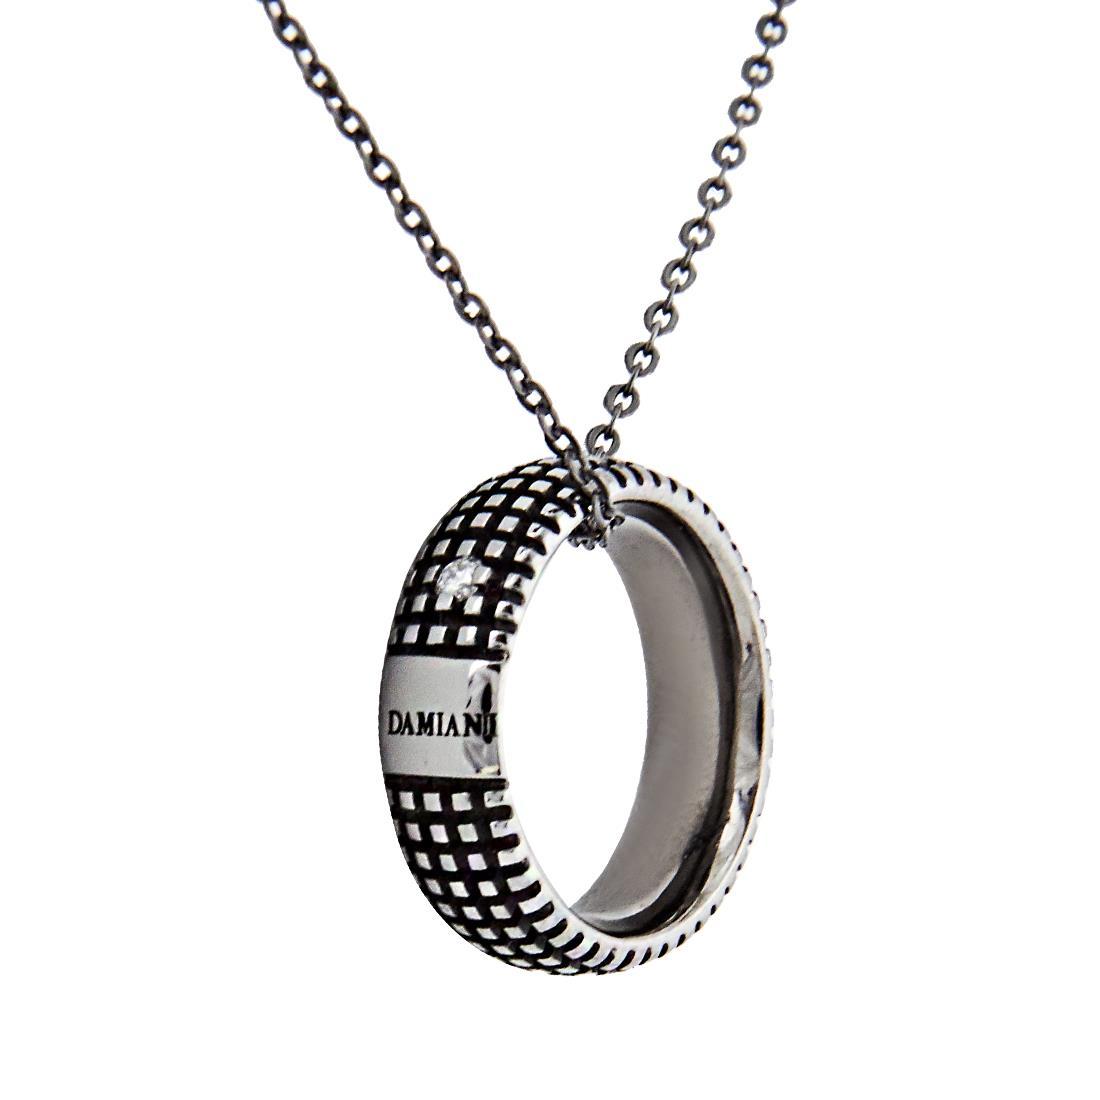 Collana in oro black con diamante ct 0.02, lunghezza 50cm regolabile a 42cm - DAMIANI